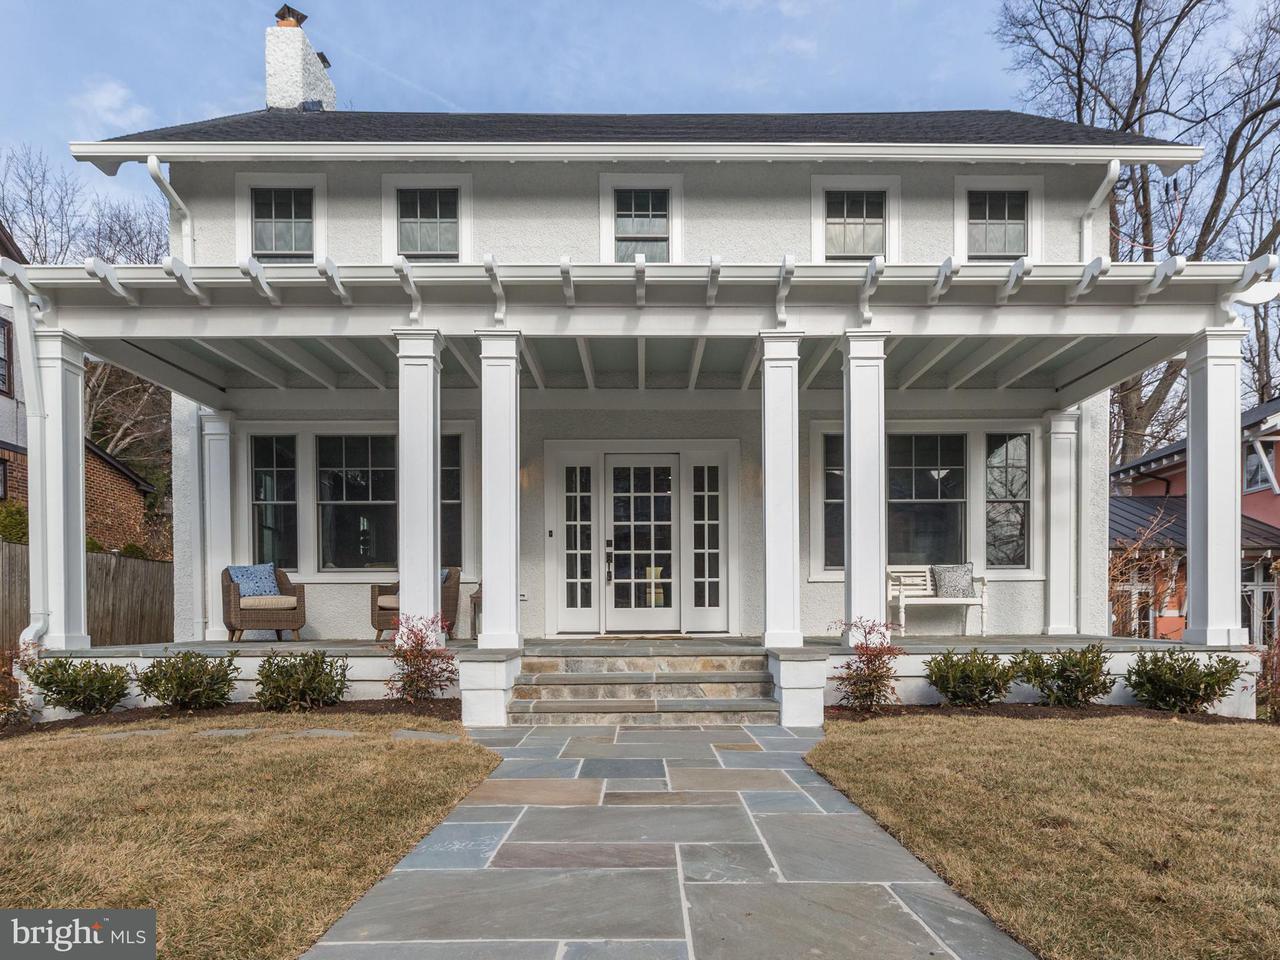 Частный односемейный дом для того Продажа на 3709 NORTHAMPTON ST NW 3709 NORTHAMPTON ST NW Washington, Округ Колумбия 20015 Соединенные Штаты